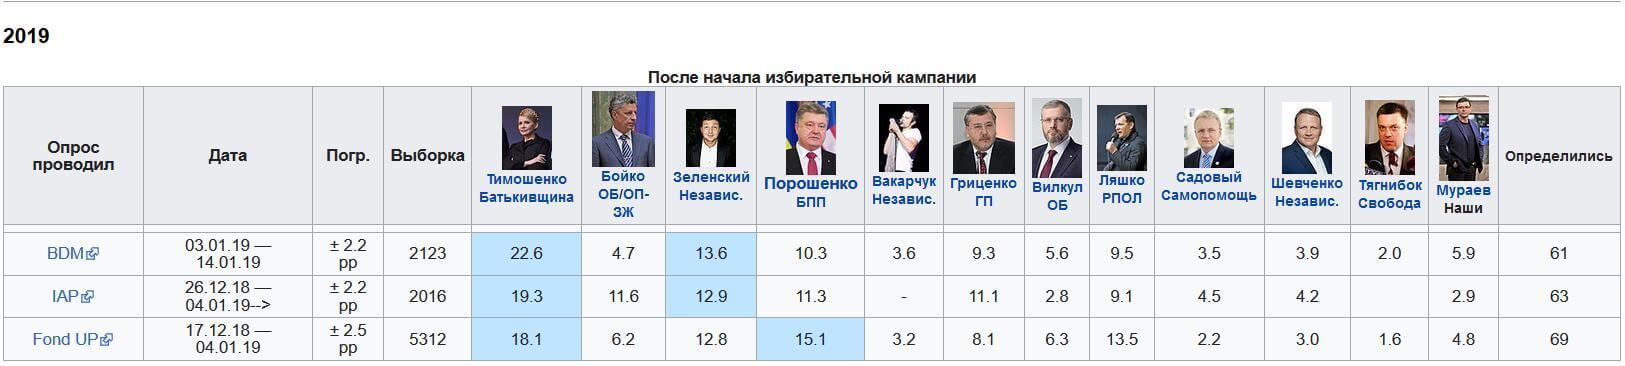 выборы на украине 2020 рейтинг